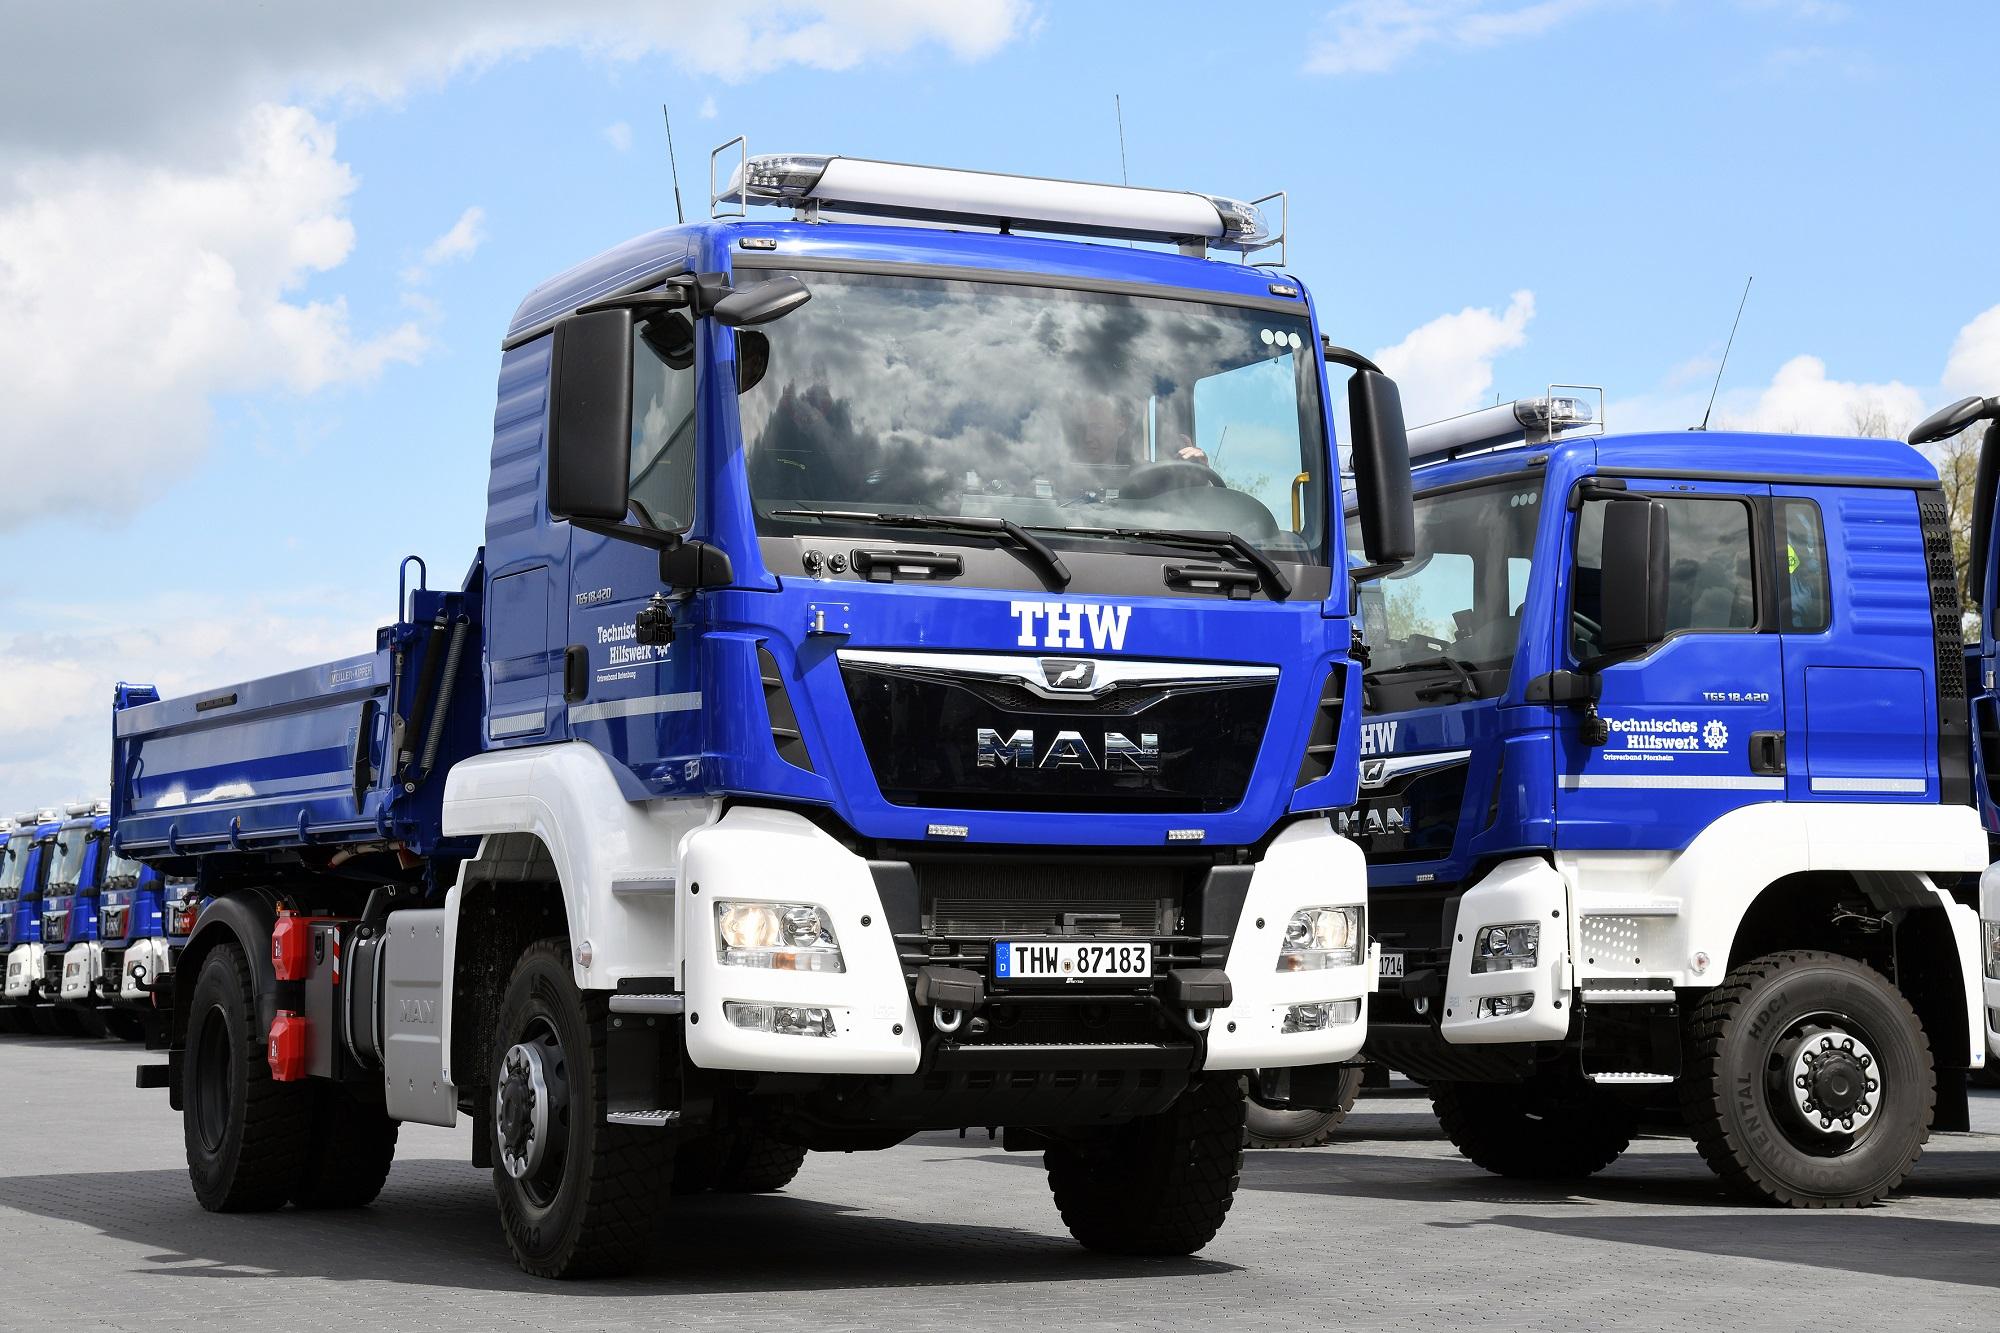 MAN consegna 950 nuovi veicoli all'Agenzia Federale Tedesca per il Soccorso Tecnico